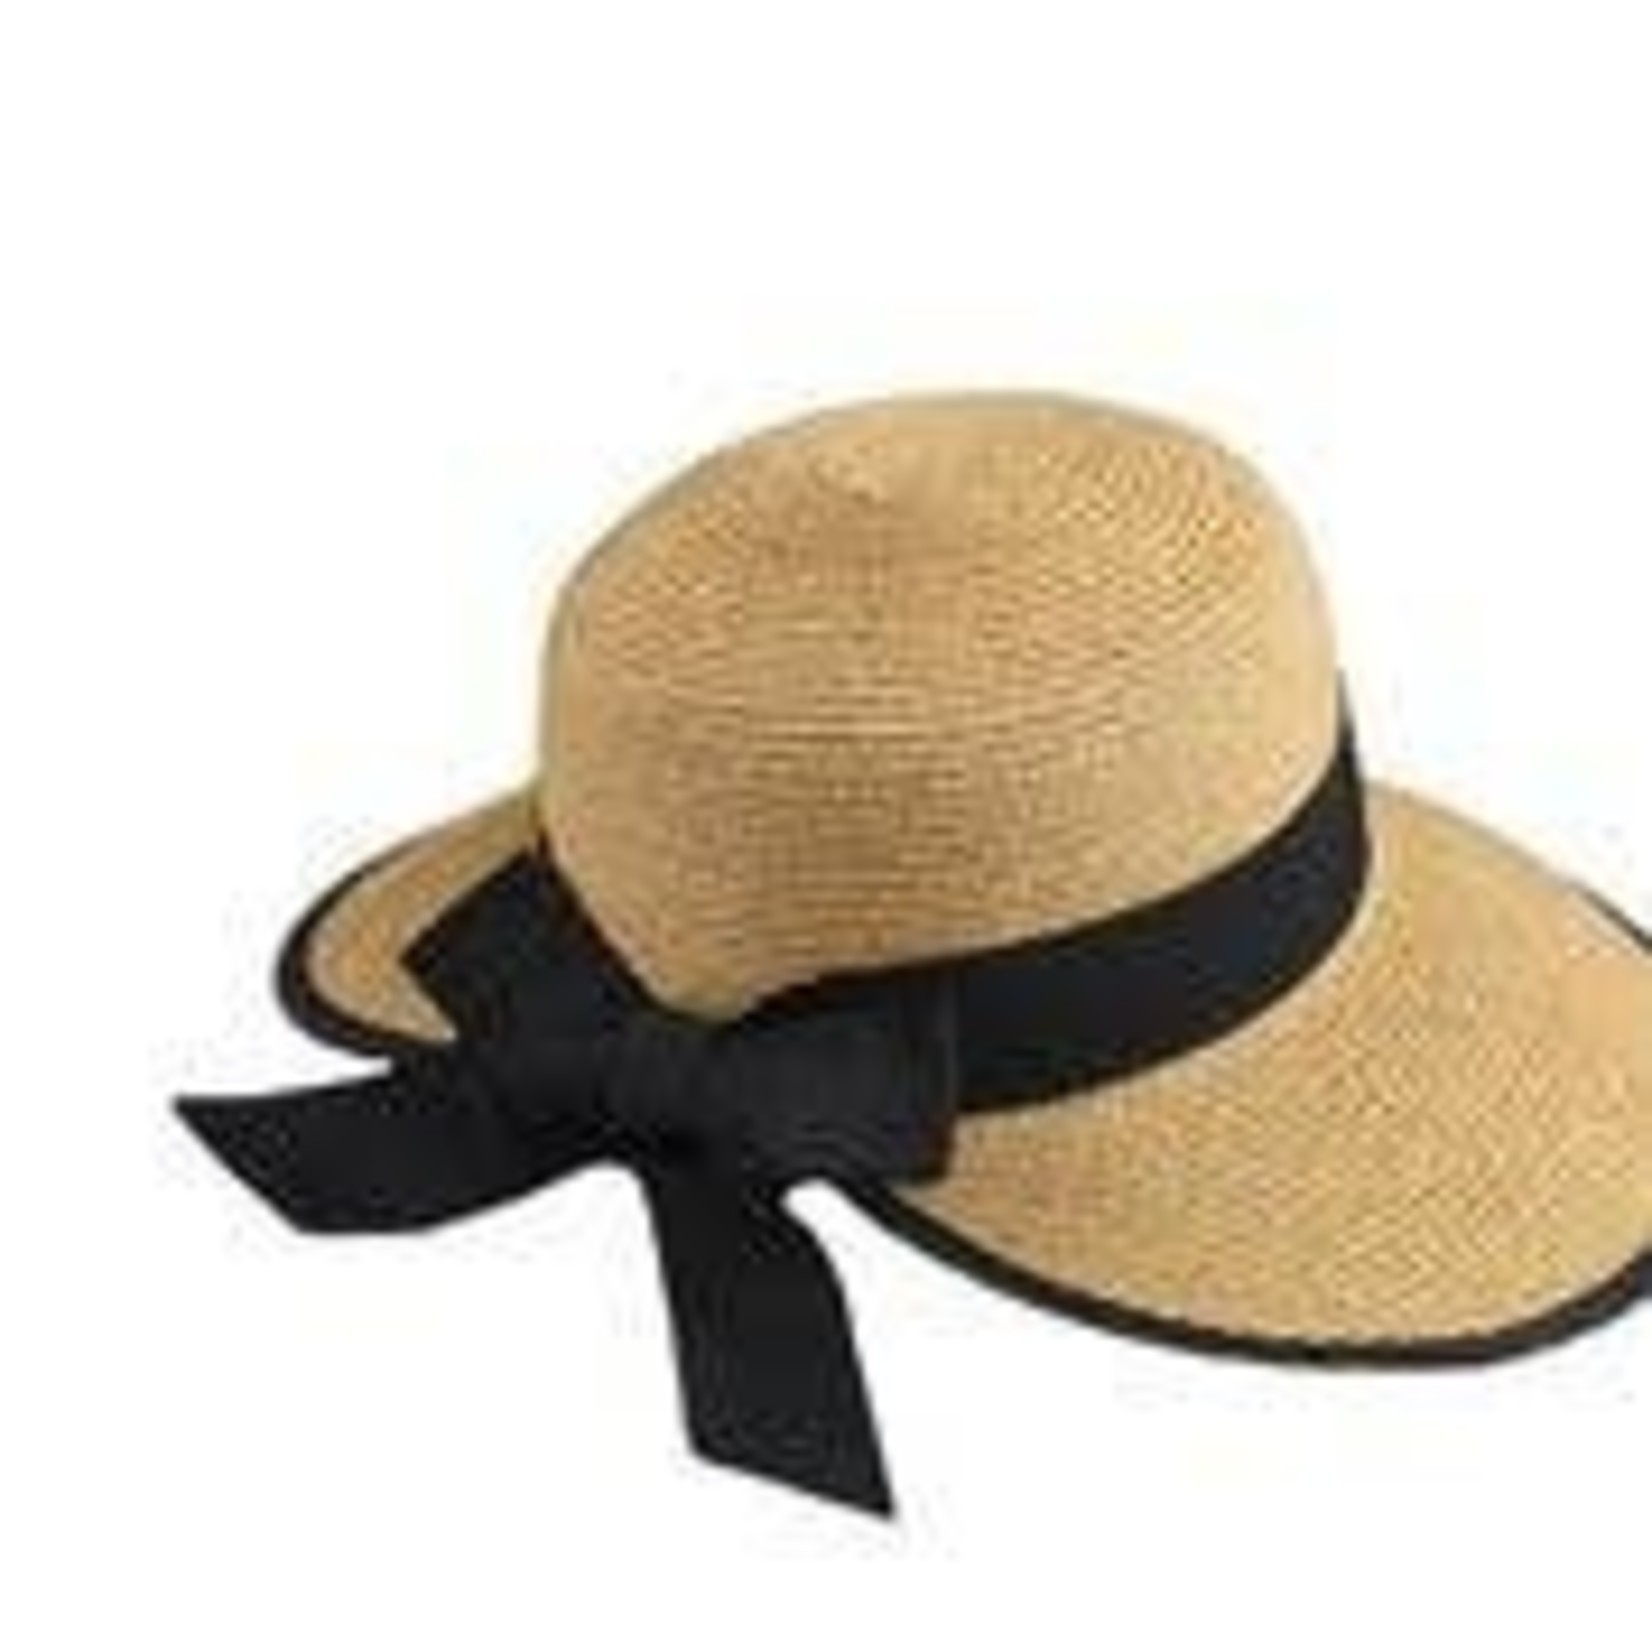 Jeanne Simmons Paper Braid Split Brim Tan Hat w/Blk Bow